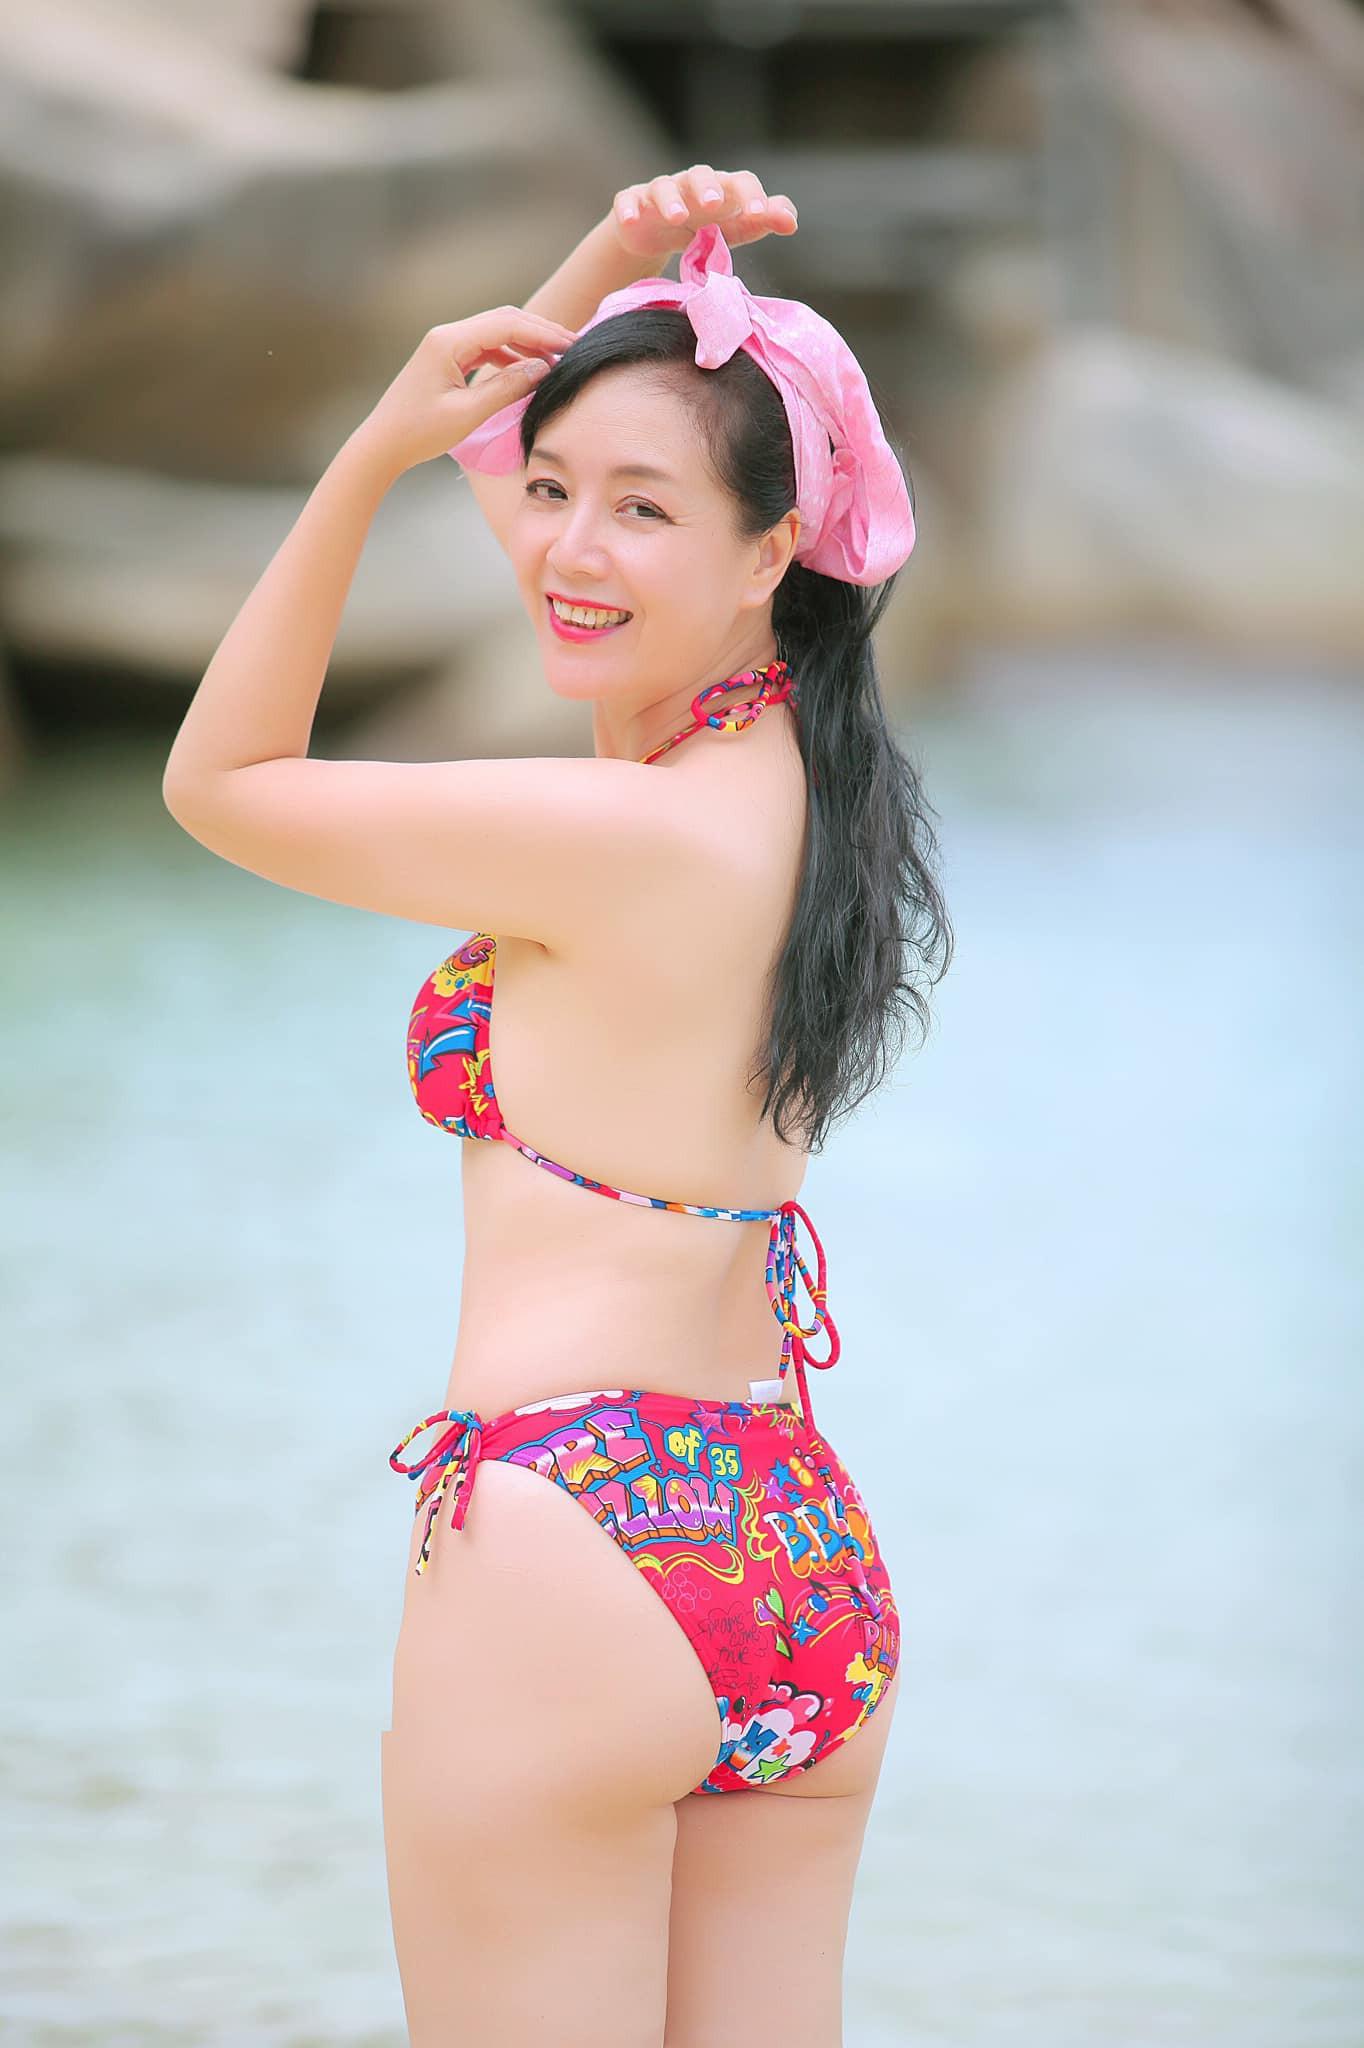 NSƯT Chiều Xuân chia sẻ loạt ảnh hiếm thời còn là nữ sinh trung học, nhan sắc thanh tú đúng chuẩn con gái Hà thành - Ảnh 4.